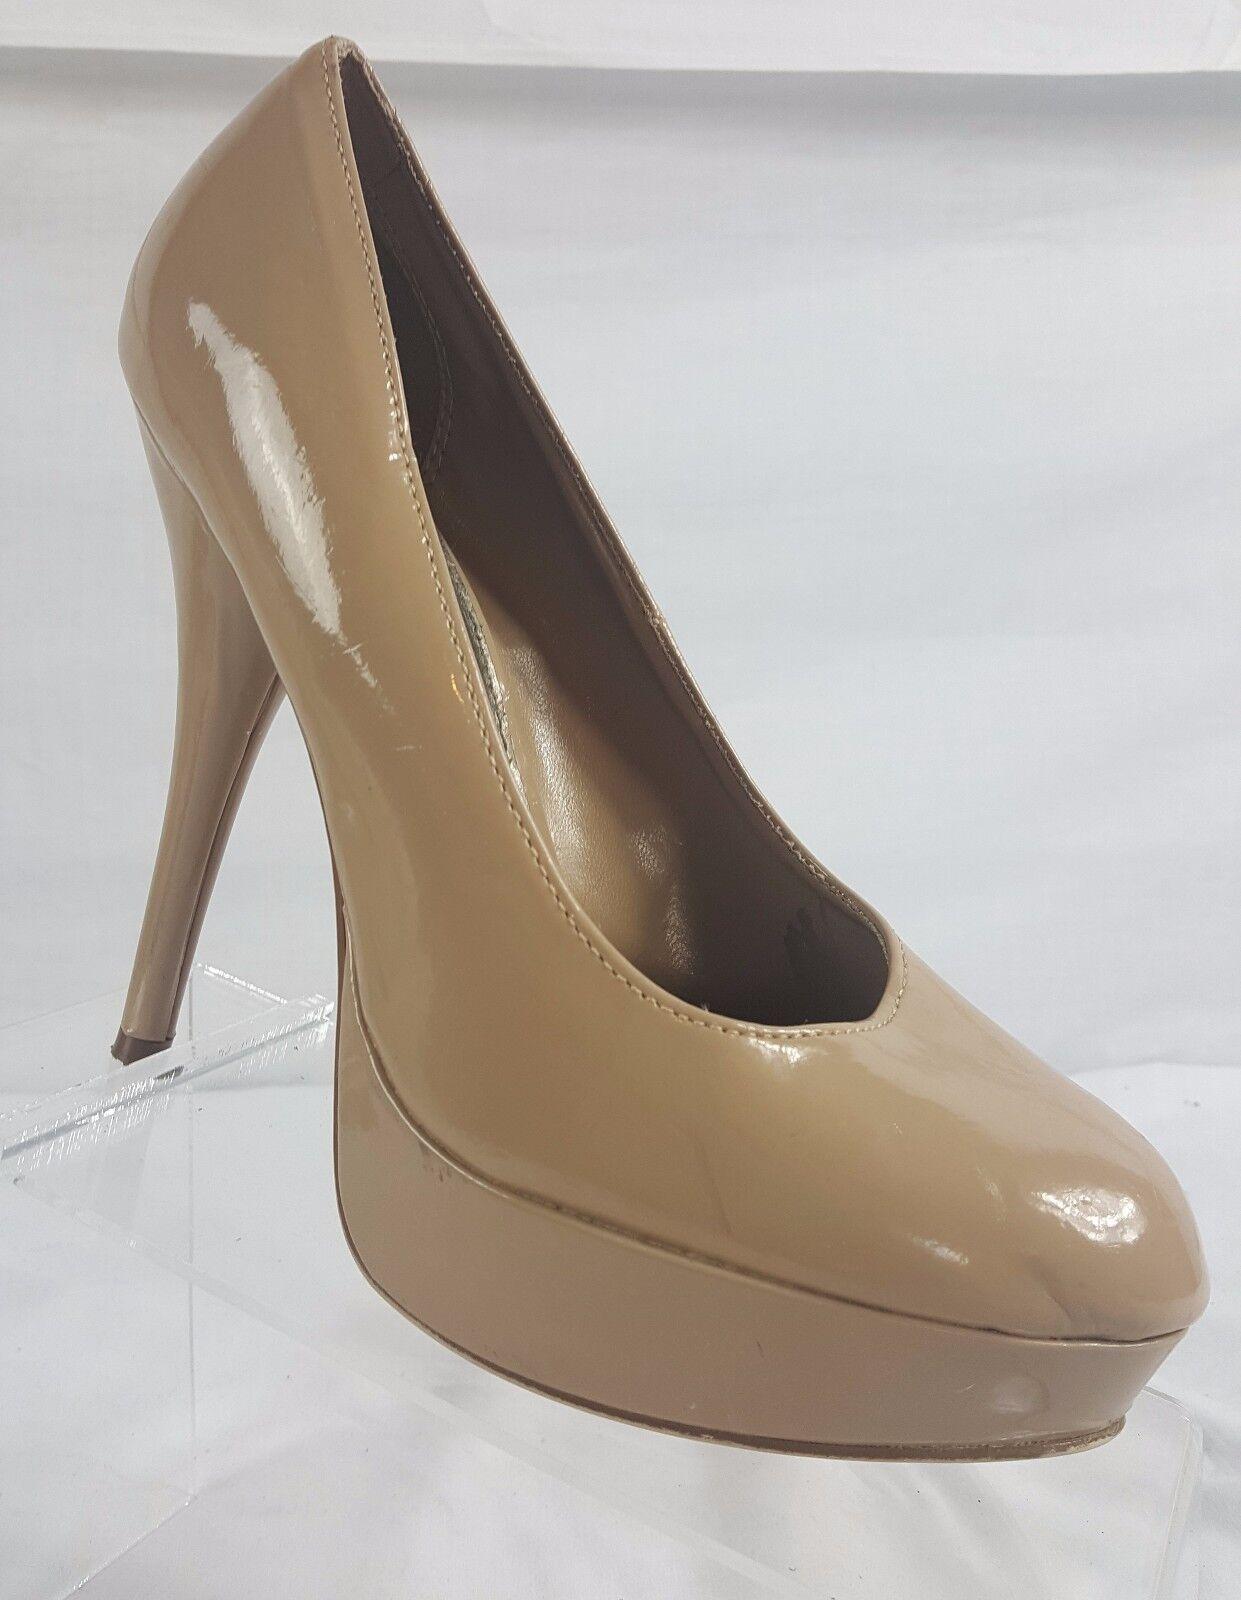 Brash Taupe Heels Stilettos Womens 9 Pumps Heels Taupe 5.25